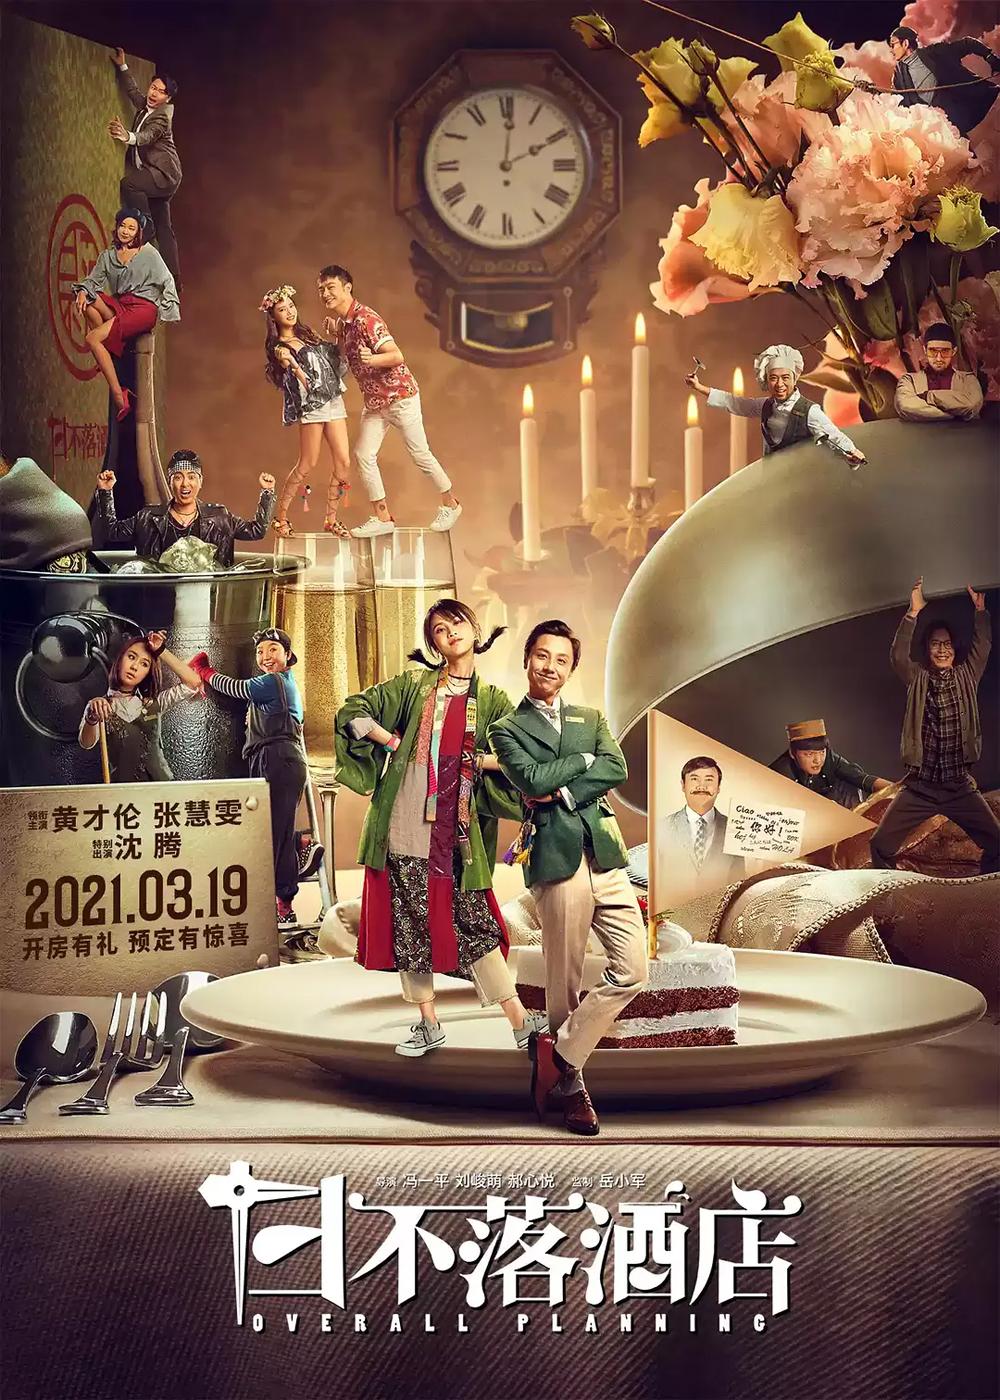 【电影预告】日不落酒店 Overall Planning 2021-03-19 中国大陆上映